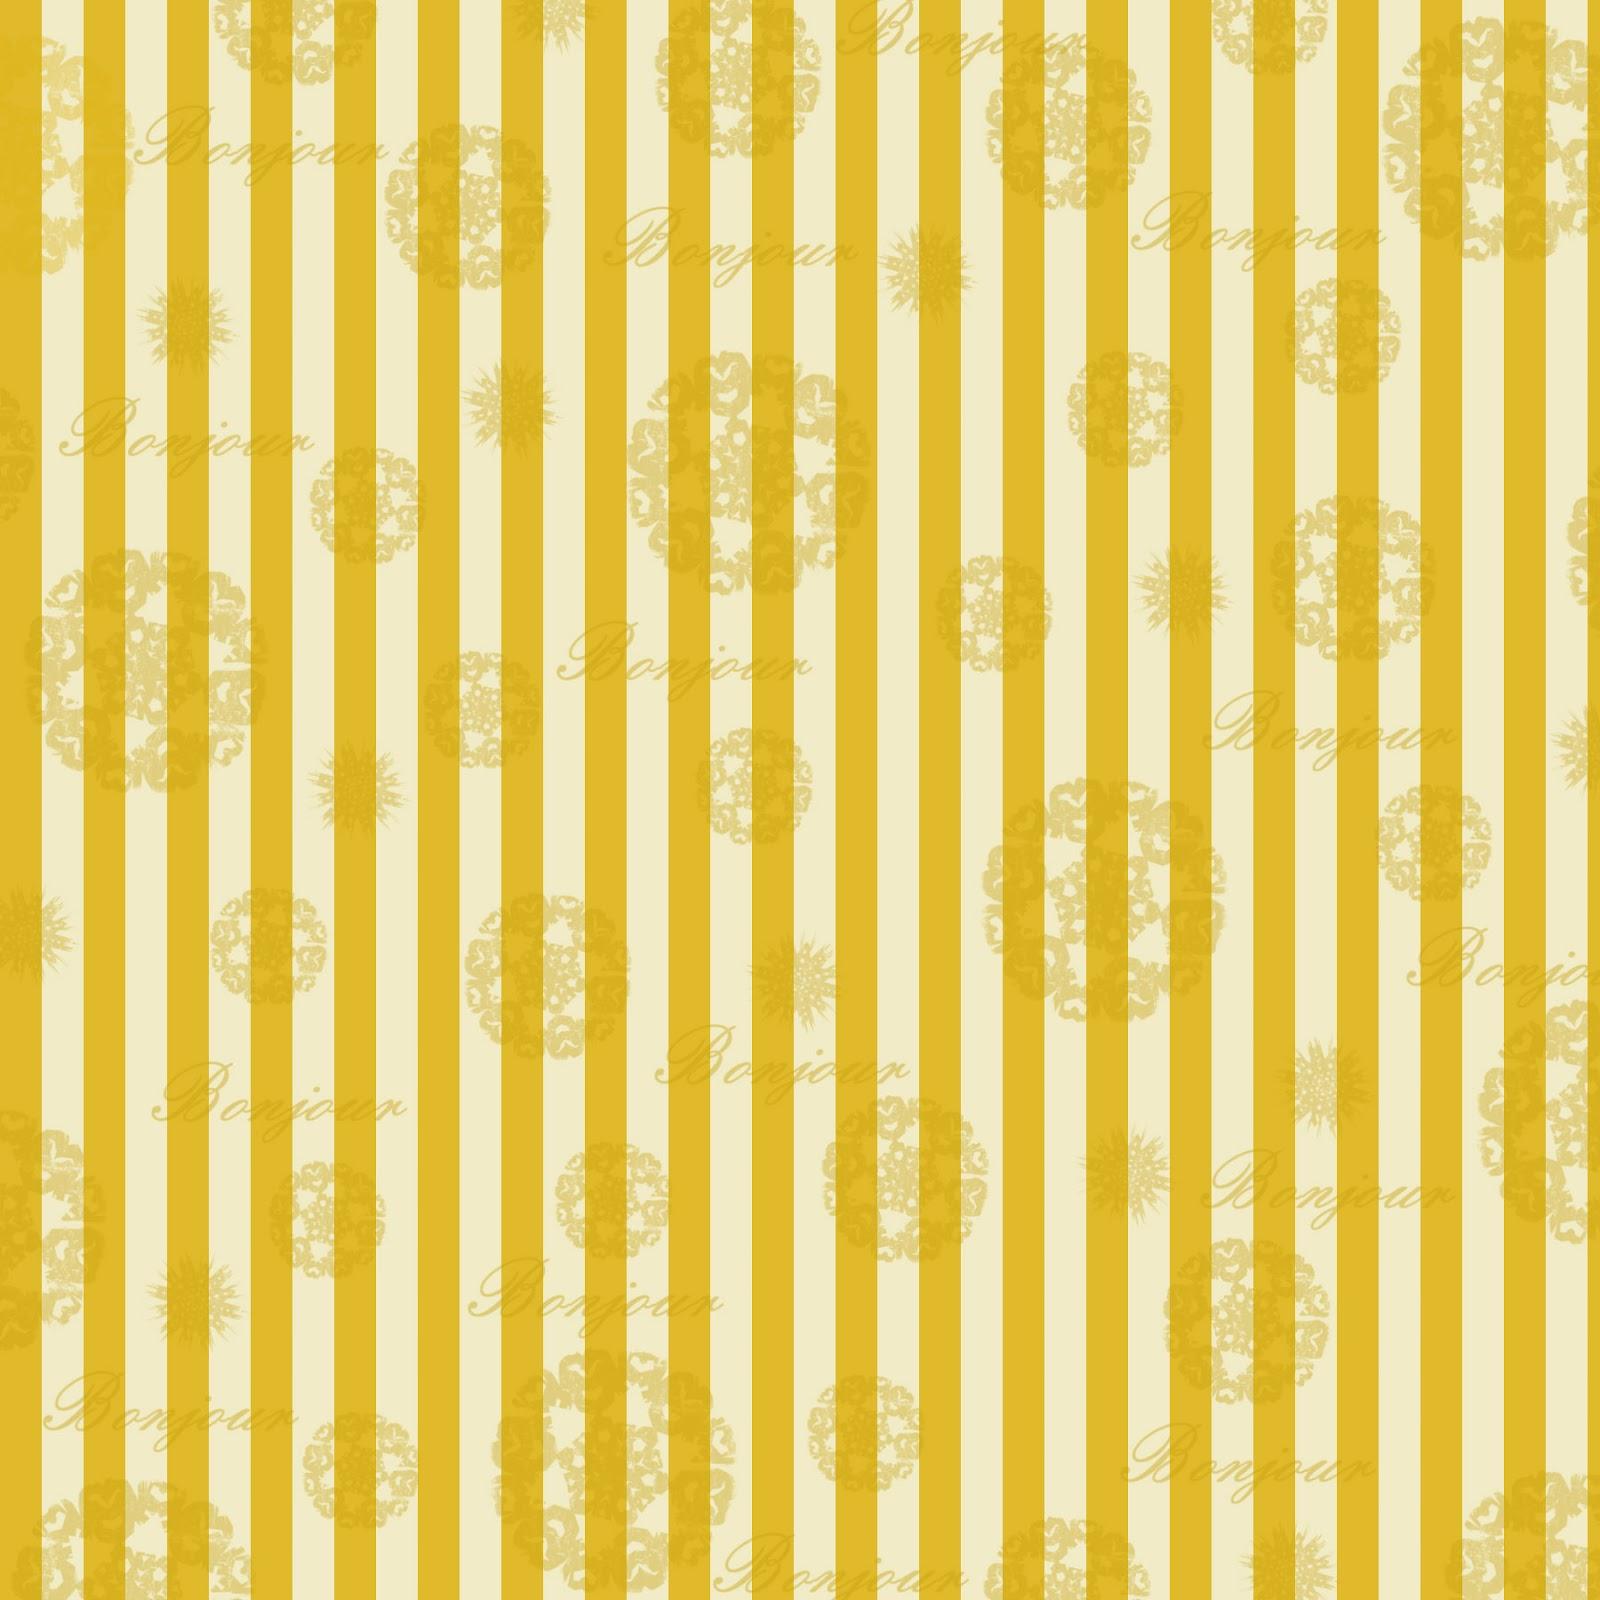 http://3.bp.blogspot.com/-n3-4USKikHs/U4JsRUJEUgI/AAAAAAAAN-0/Kpp6Lga4OBQ/s1600/free+digital+scrapbook+paper_BONJOUR+stripes.jpg